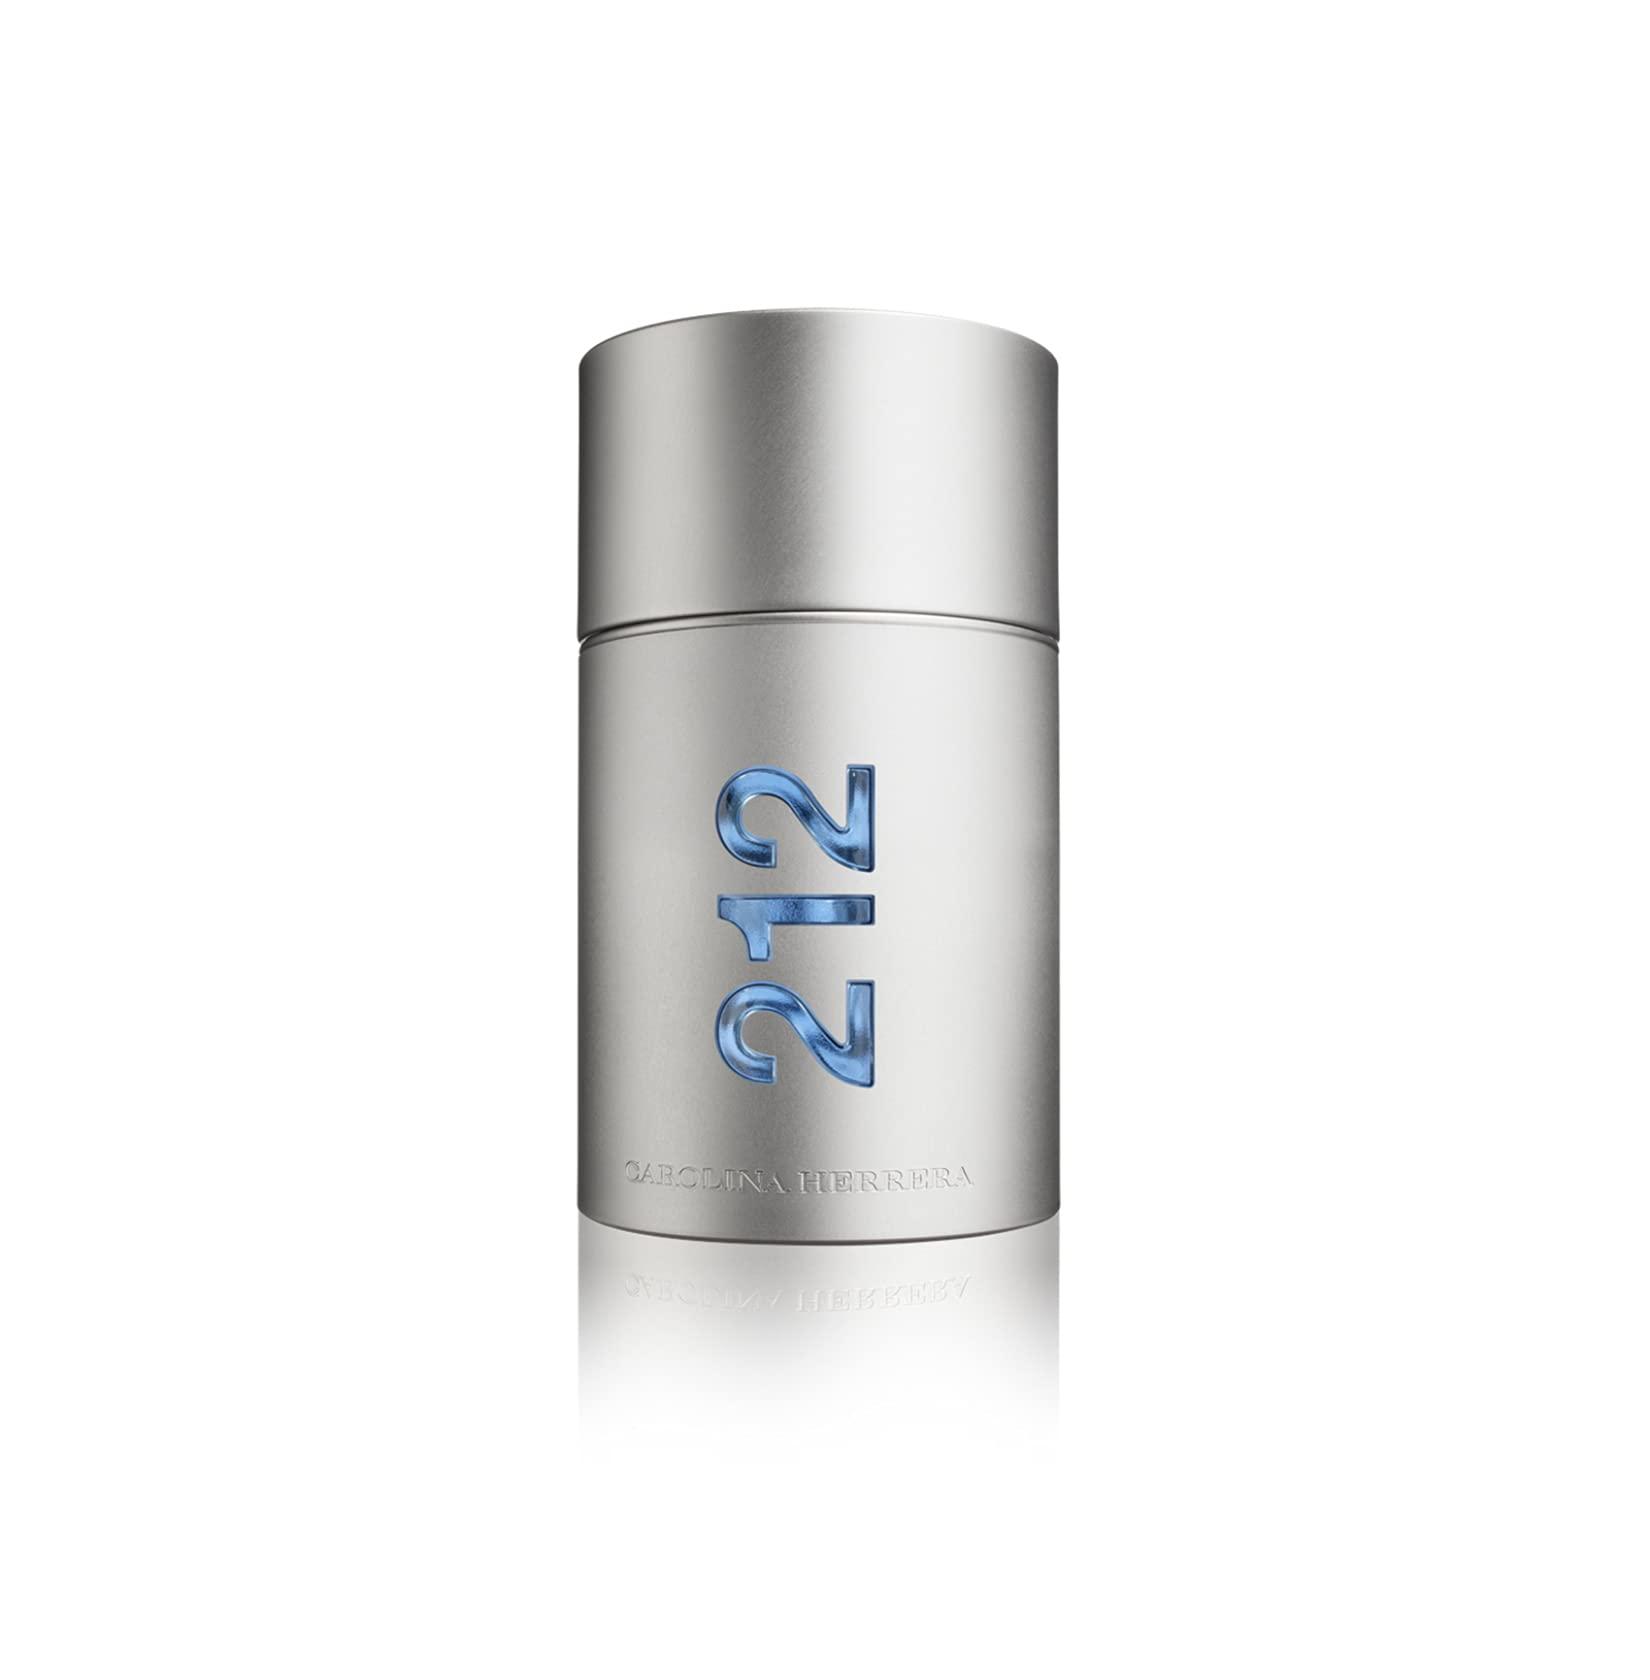 Carolina Herrera 212 Men Eau de Toilette Spray For Him, 50 ml